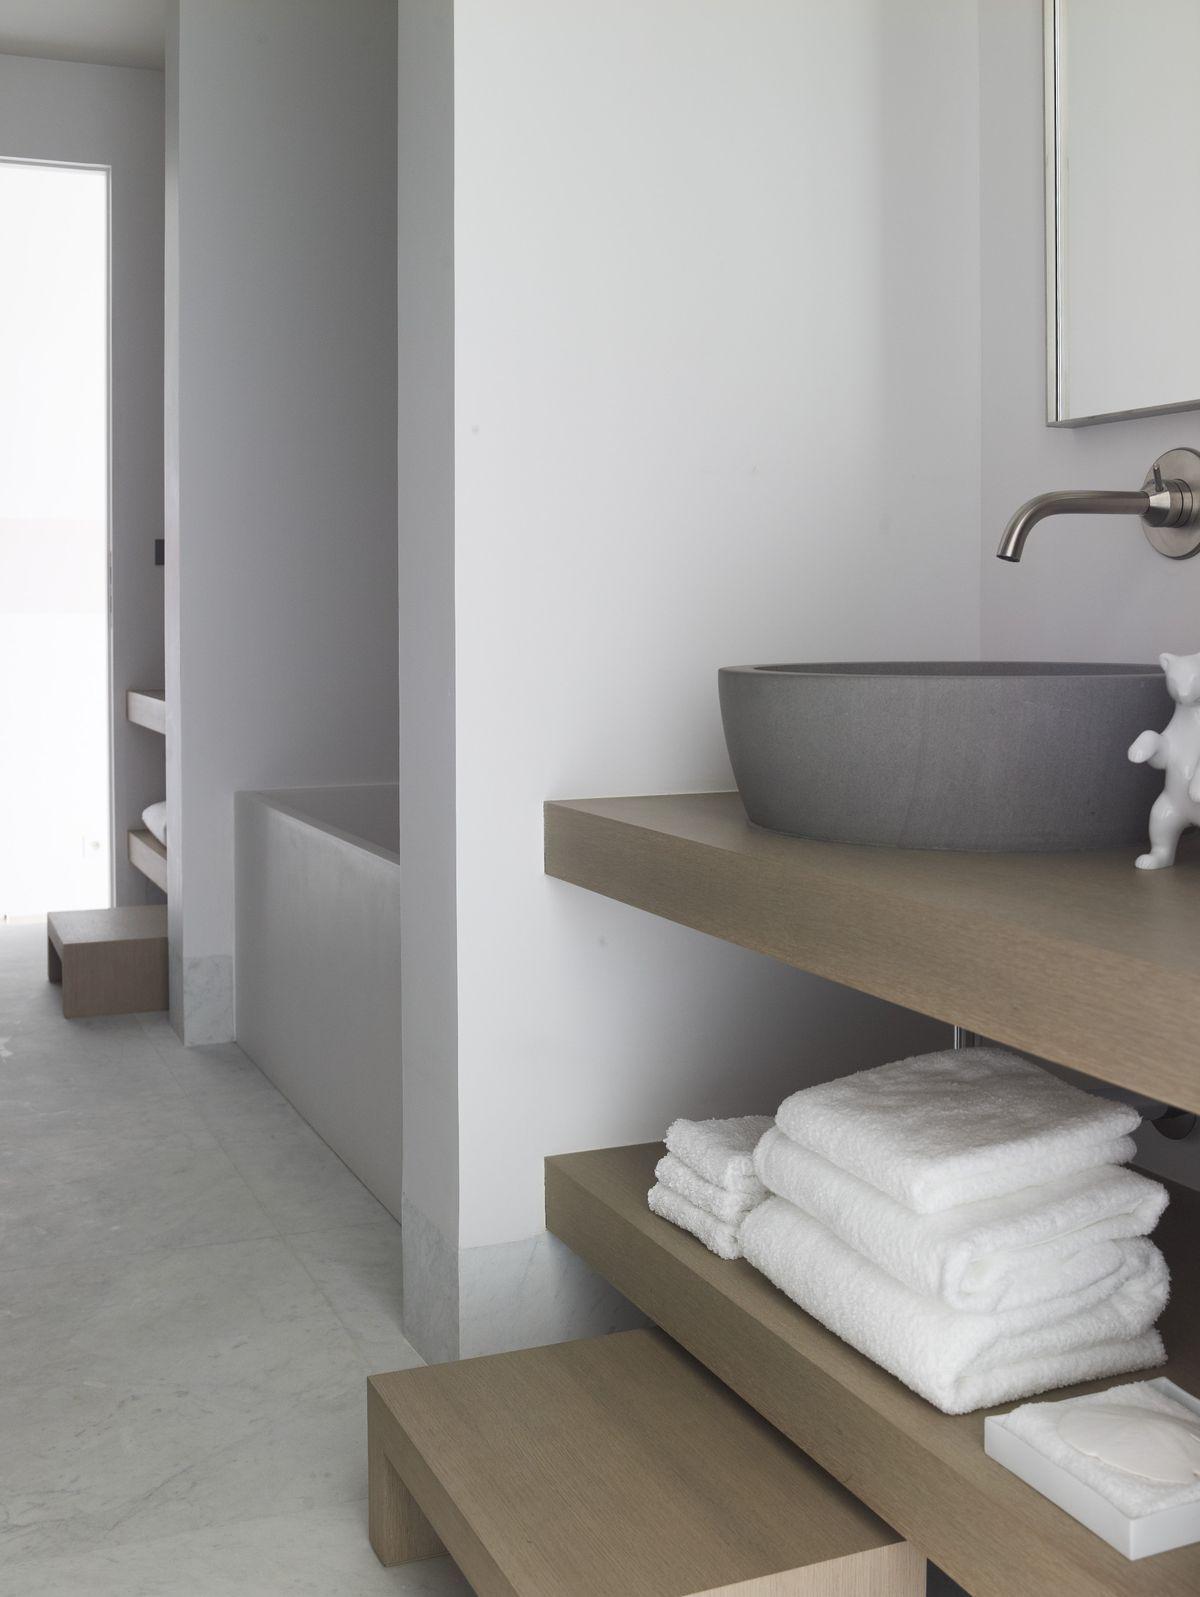 stone-sink-9.jpg - Badkamer, Badkamers en Interieur